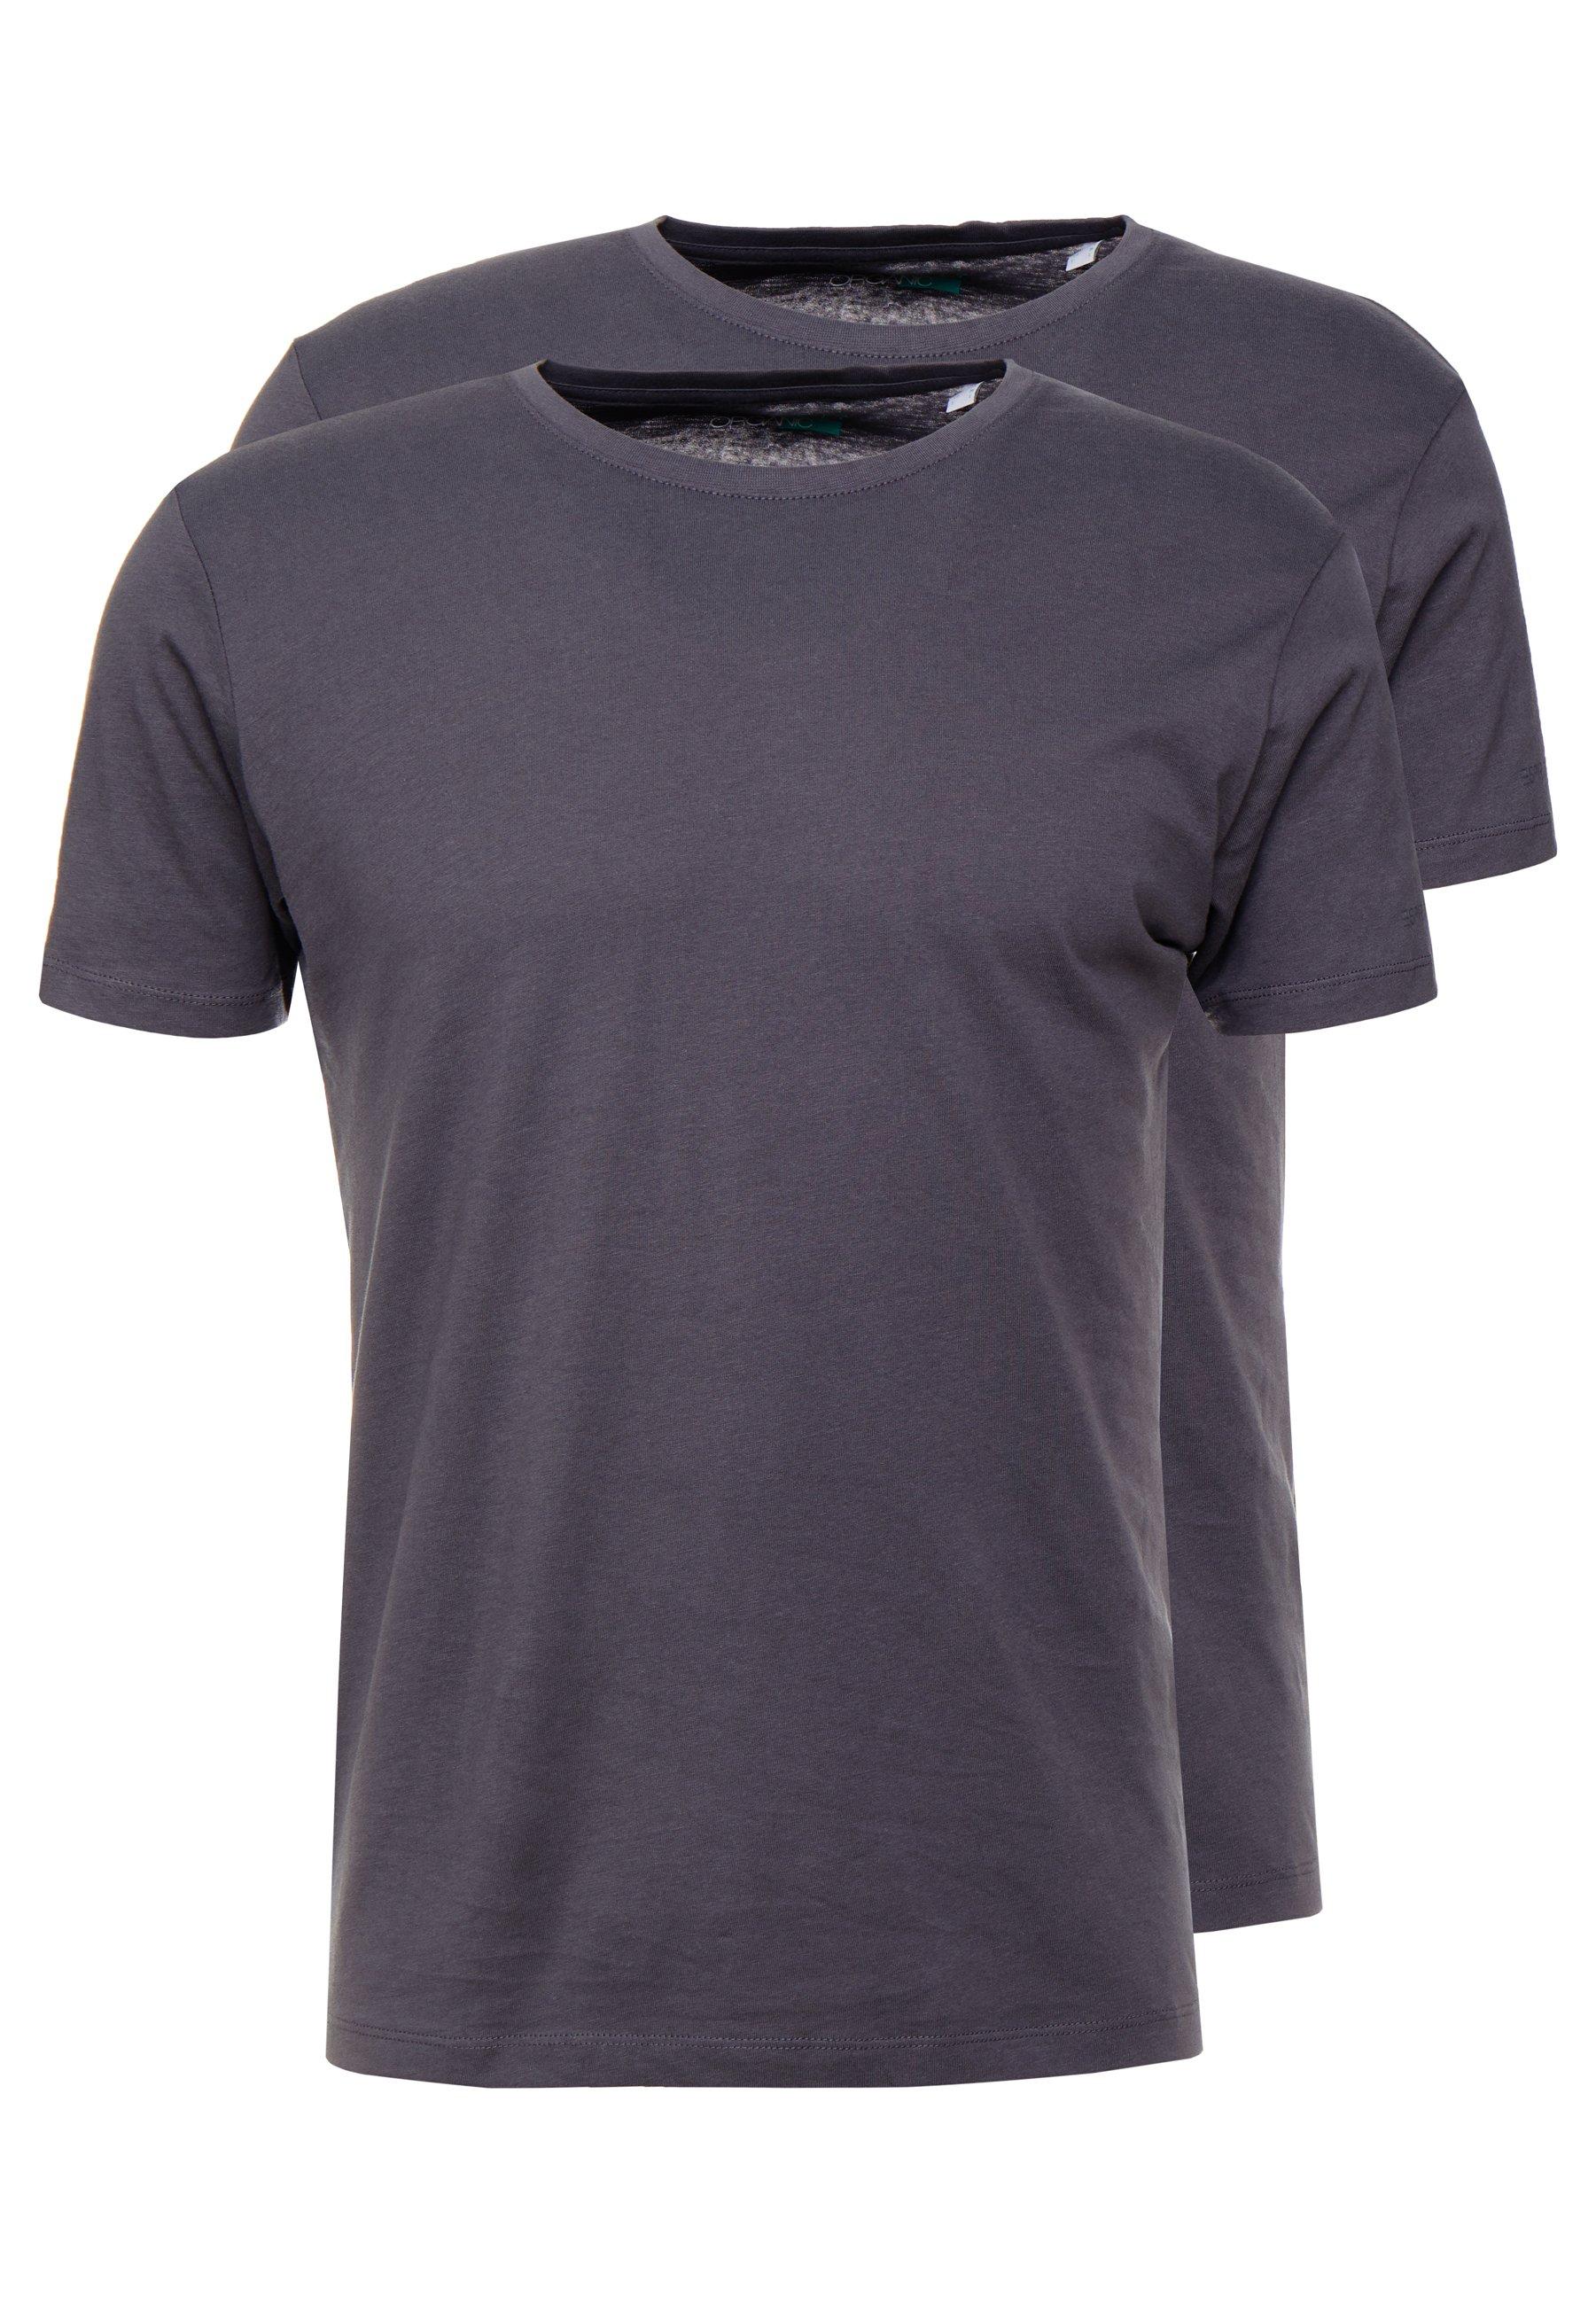 Esprit 2 PACK - T-shirts - dark grey